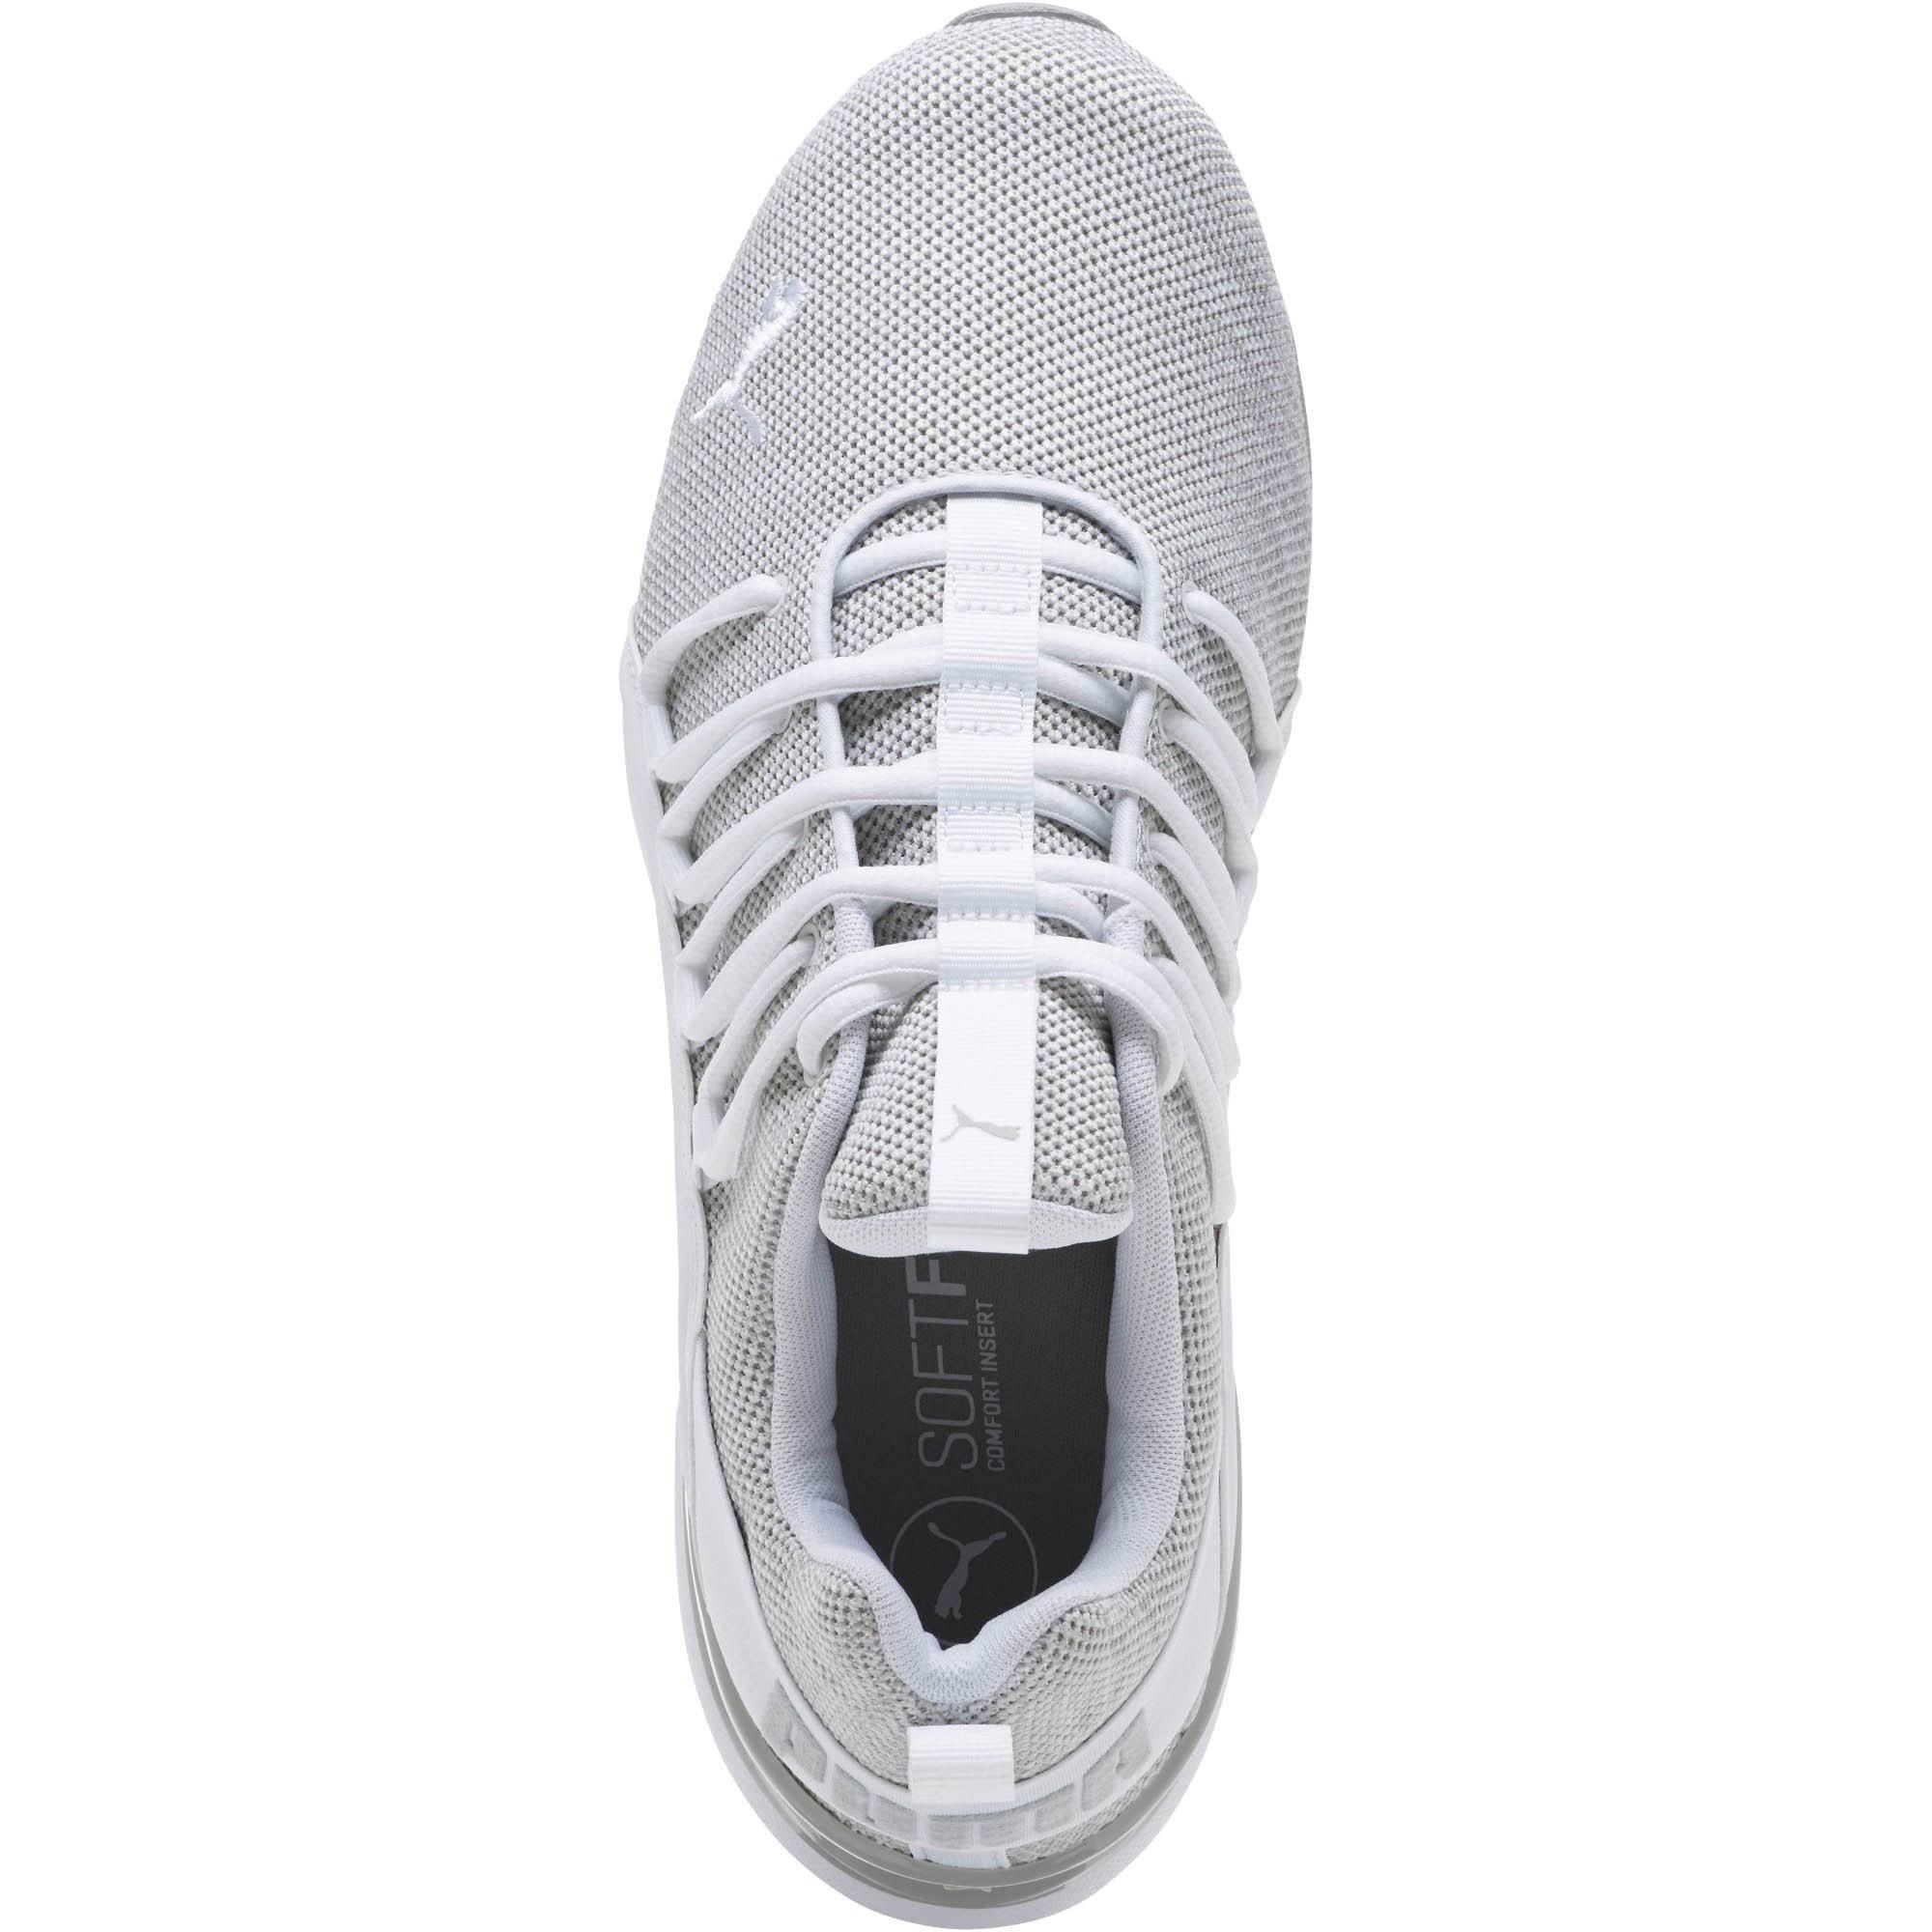 Axelion Athletic Puma Laufschuhe Mens Lace Grey Up Textile Bp6ZOq